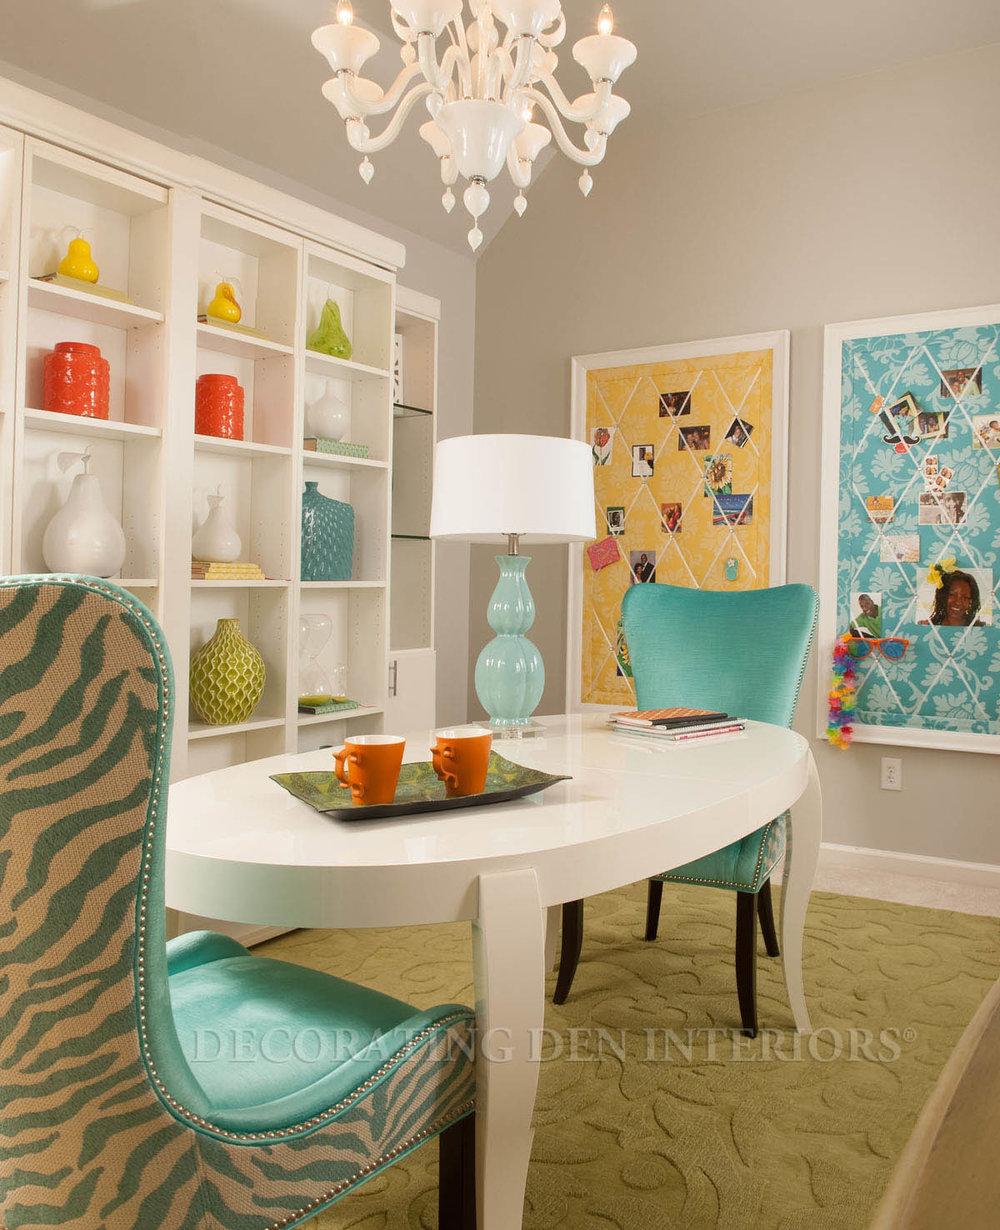 interior-design-remodel-palm-desert-california.jpg